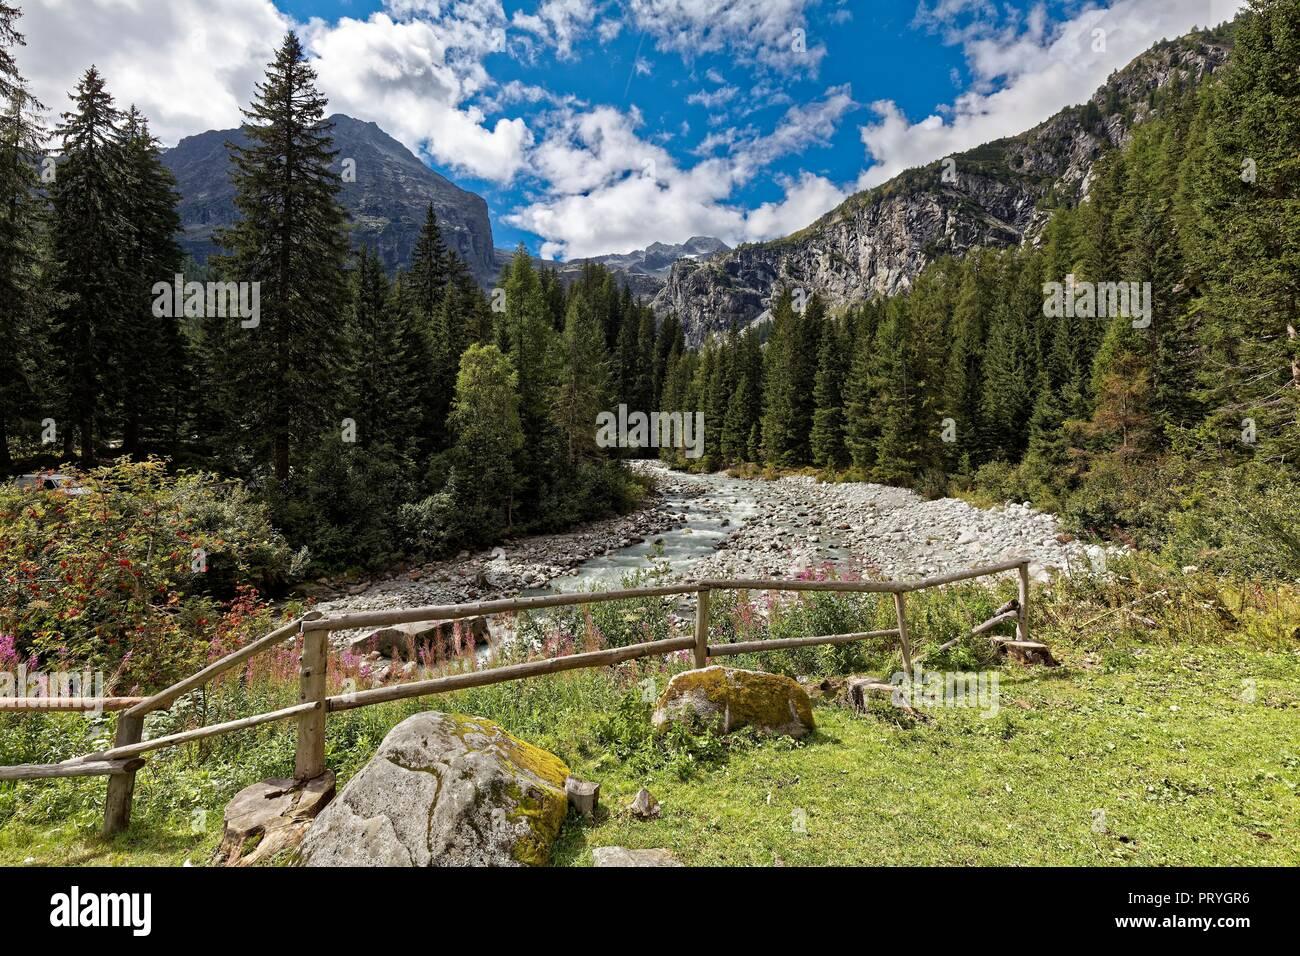 La rivière coule à travers la montagne Sarca paysage montagneux, montagnes, au Refuge al Bedole Adamello Collini, Val Genova Photo Stock